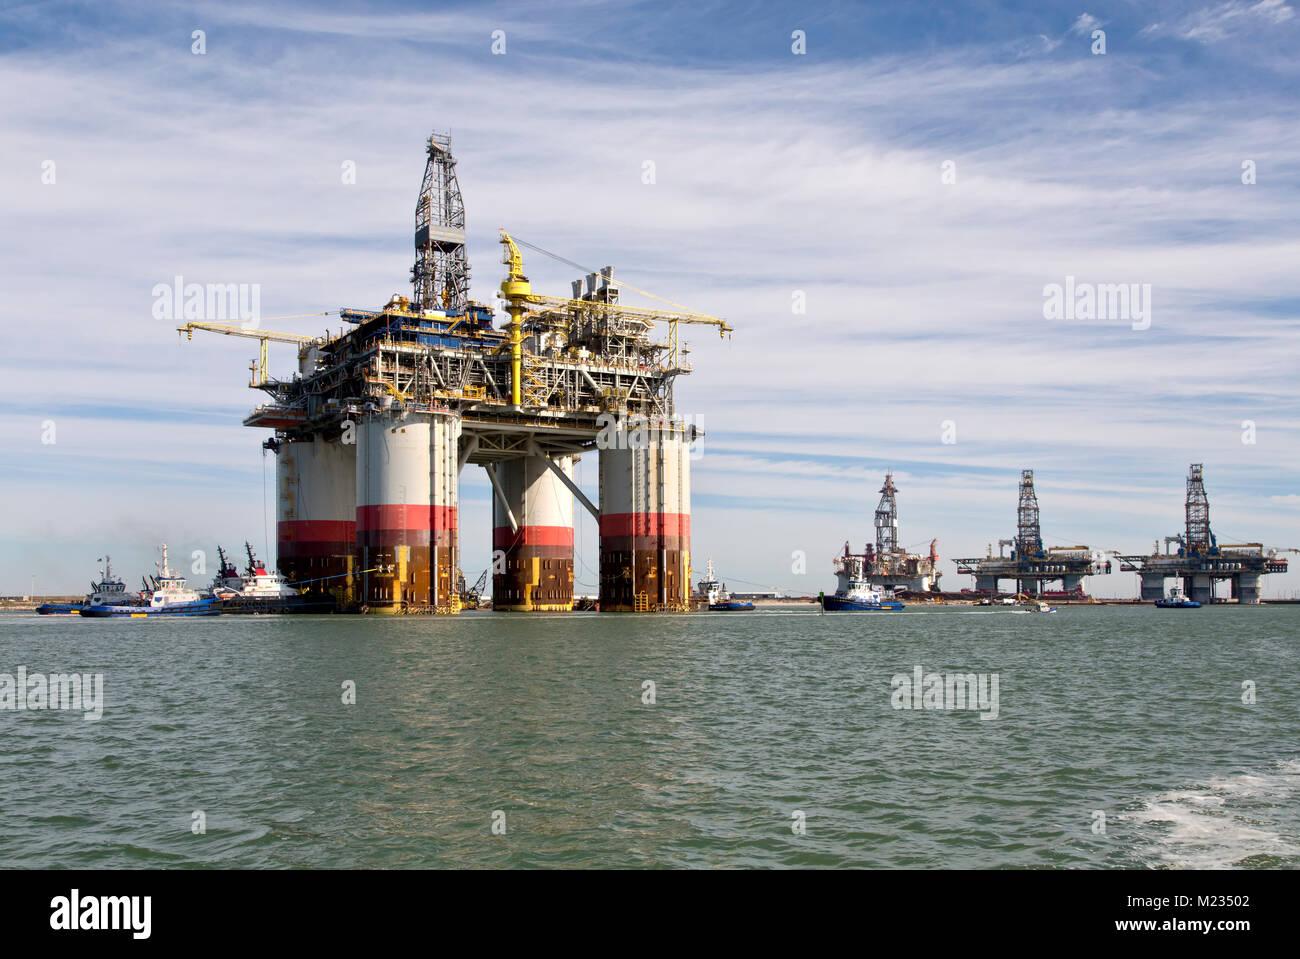 'Pé Grande' da Chevron Kiewit oceano profundo, plataforma offshore de petróleo e gás natural, Imagens de Stock